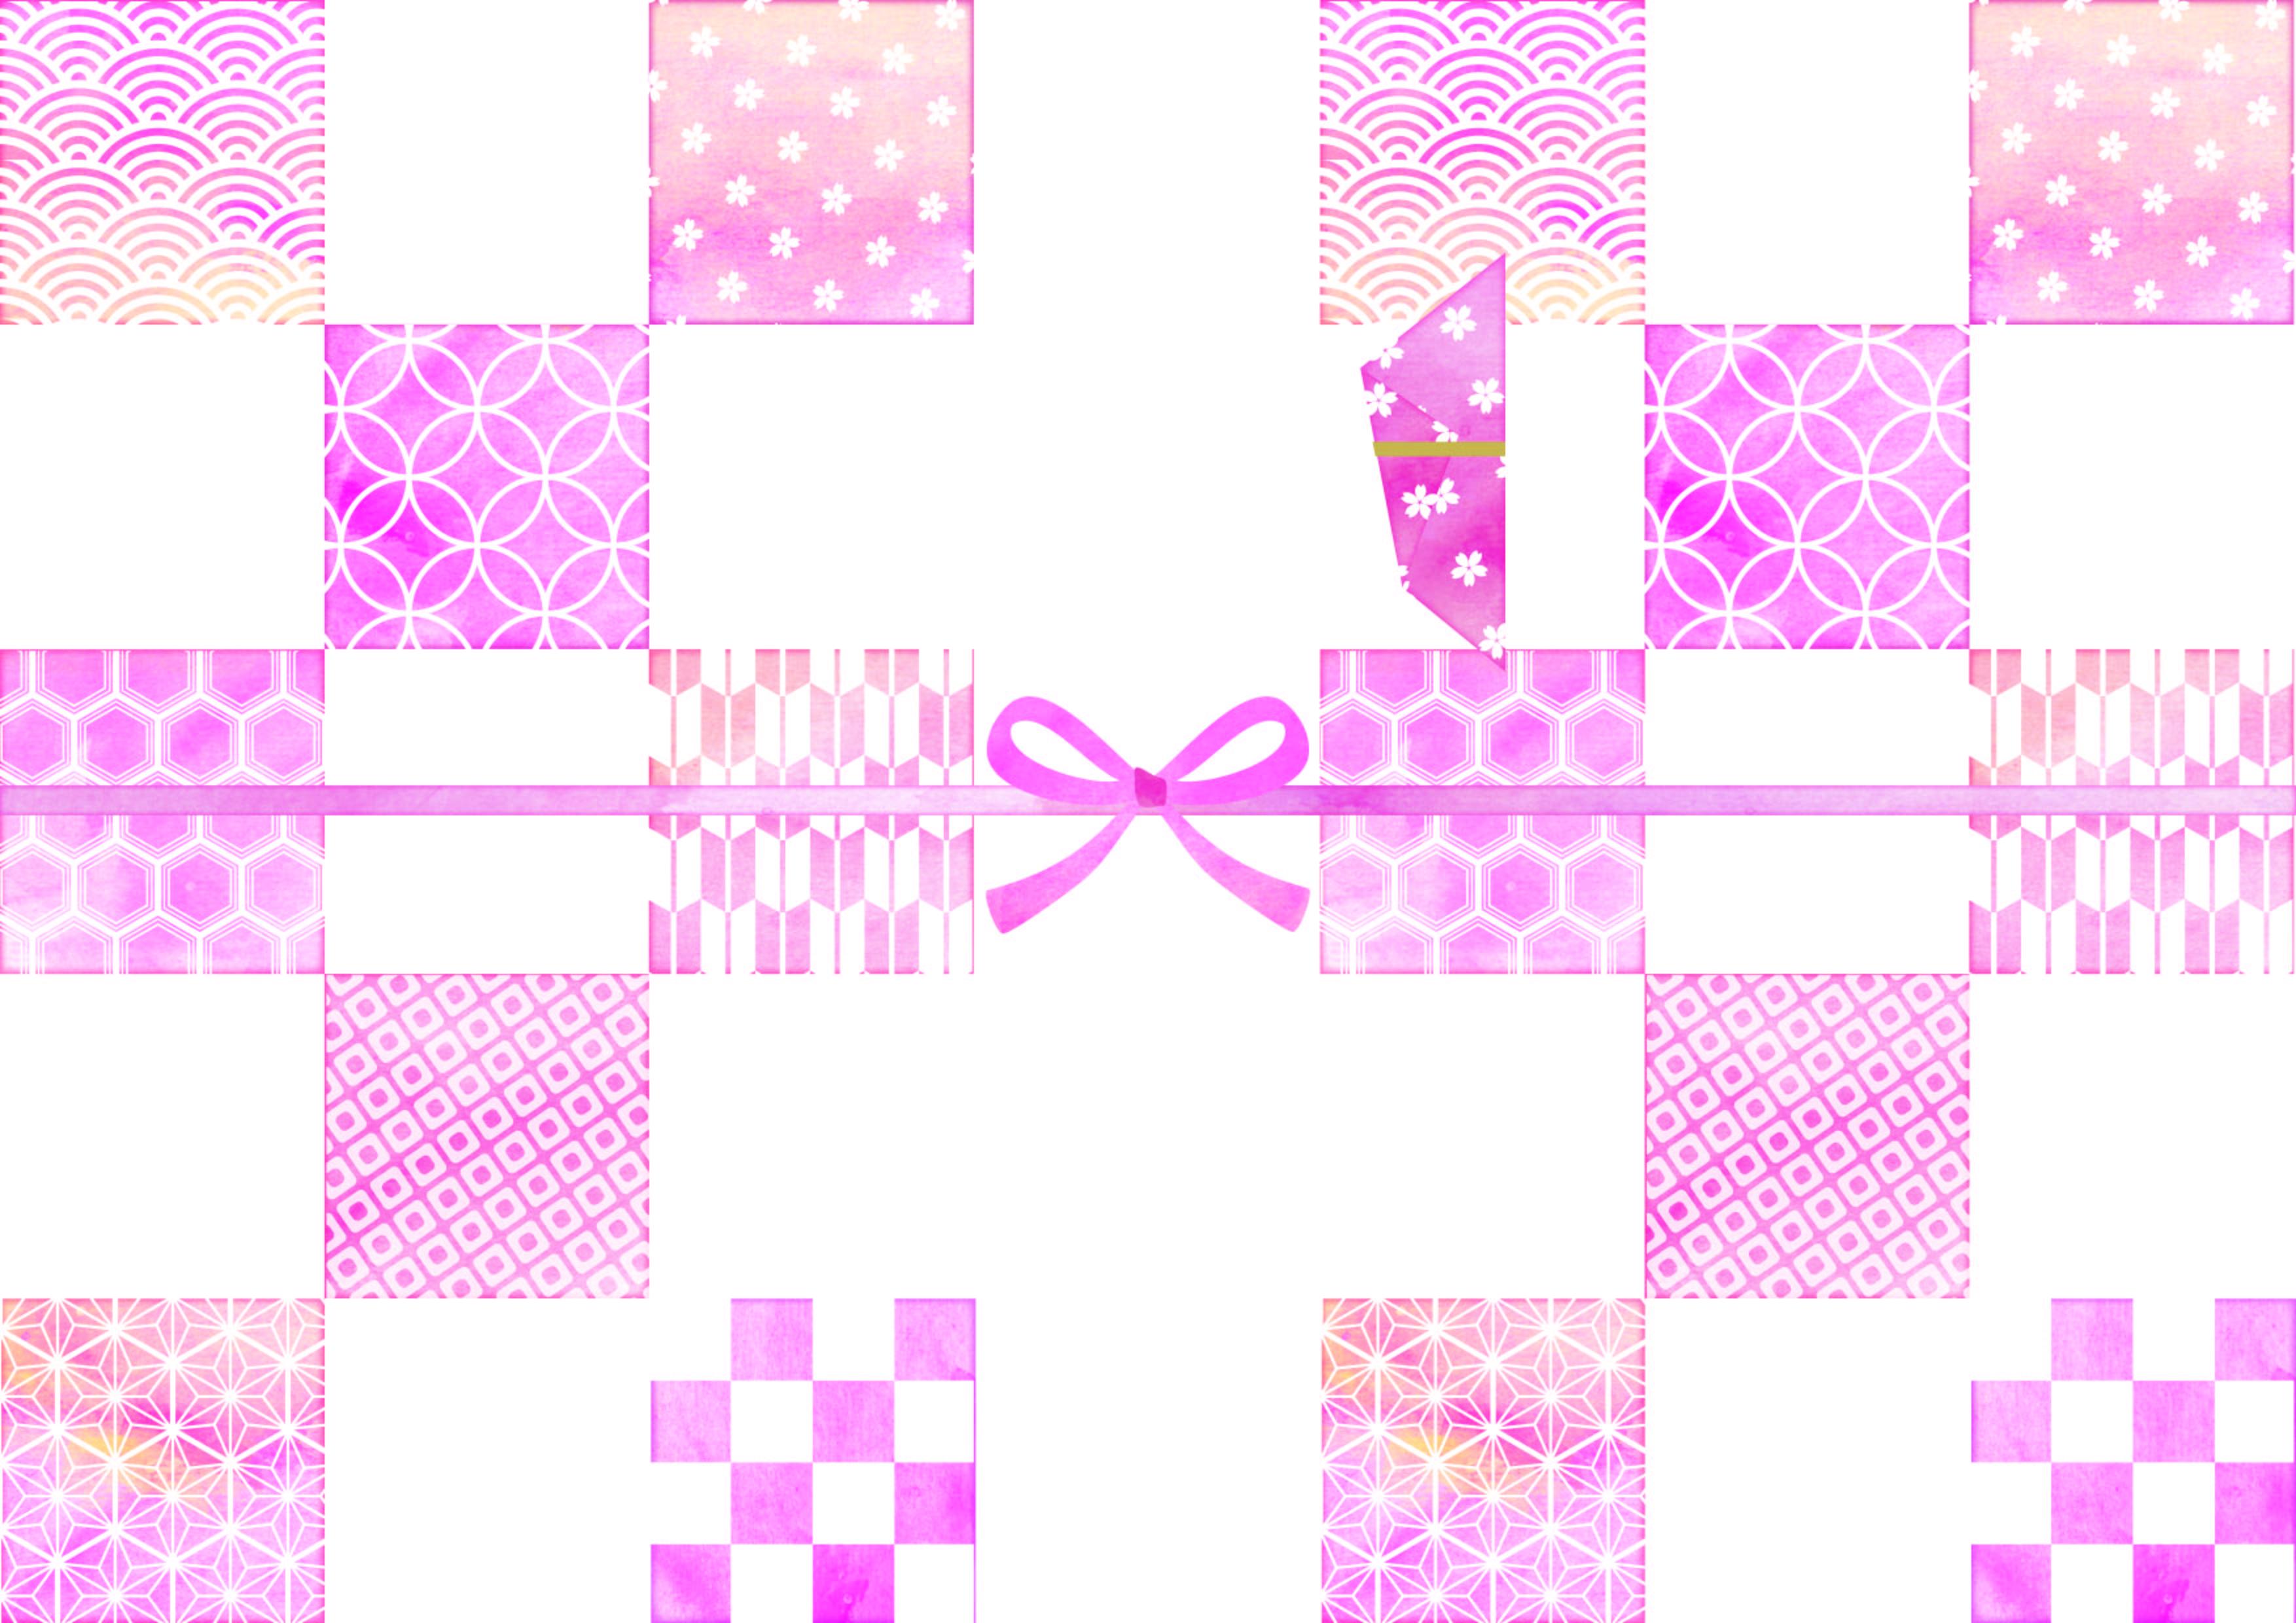 市松模様のピンク色「のし紙」無料のテンプレート素材